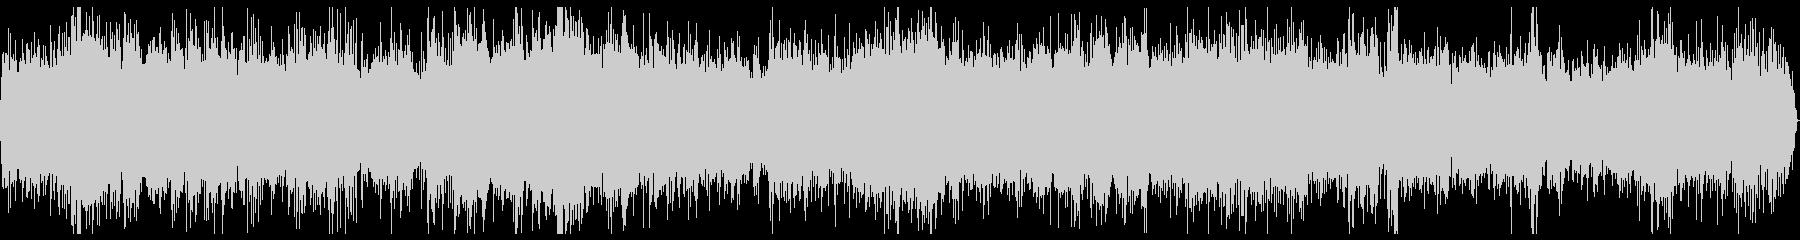 特急 電車 走行音 ステレオ 11分の未再生の波形